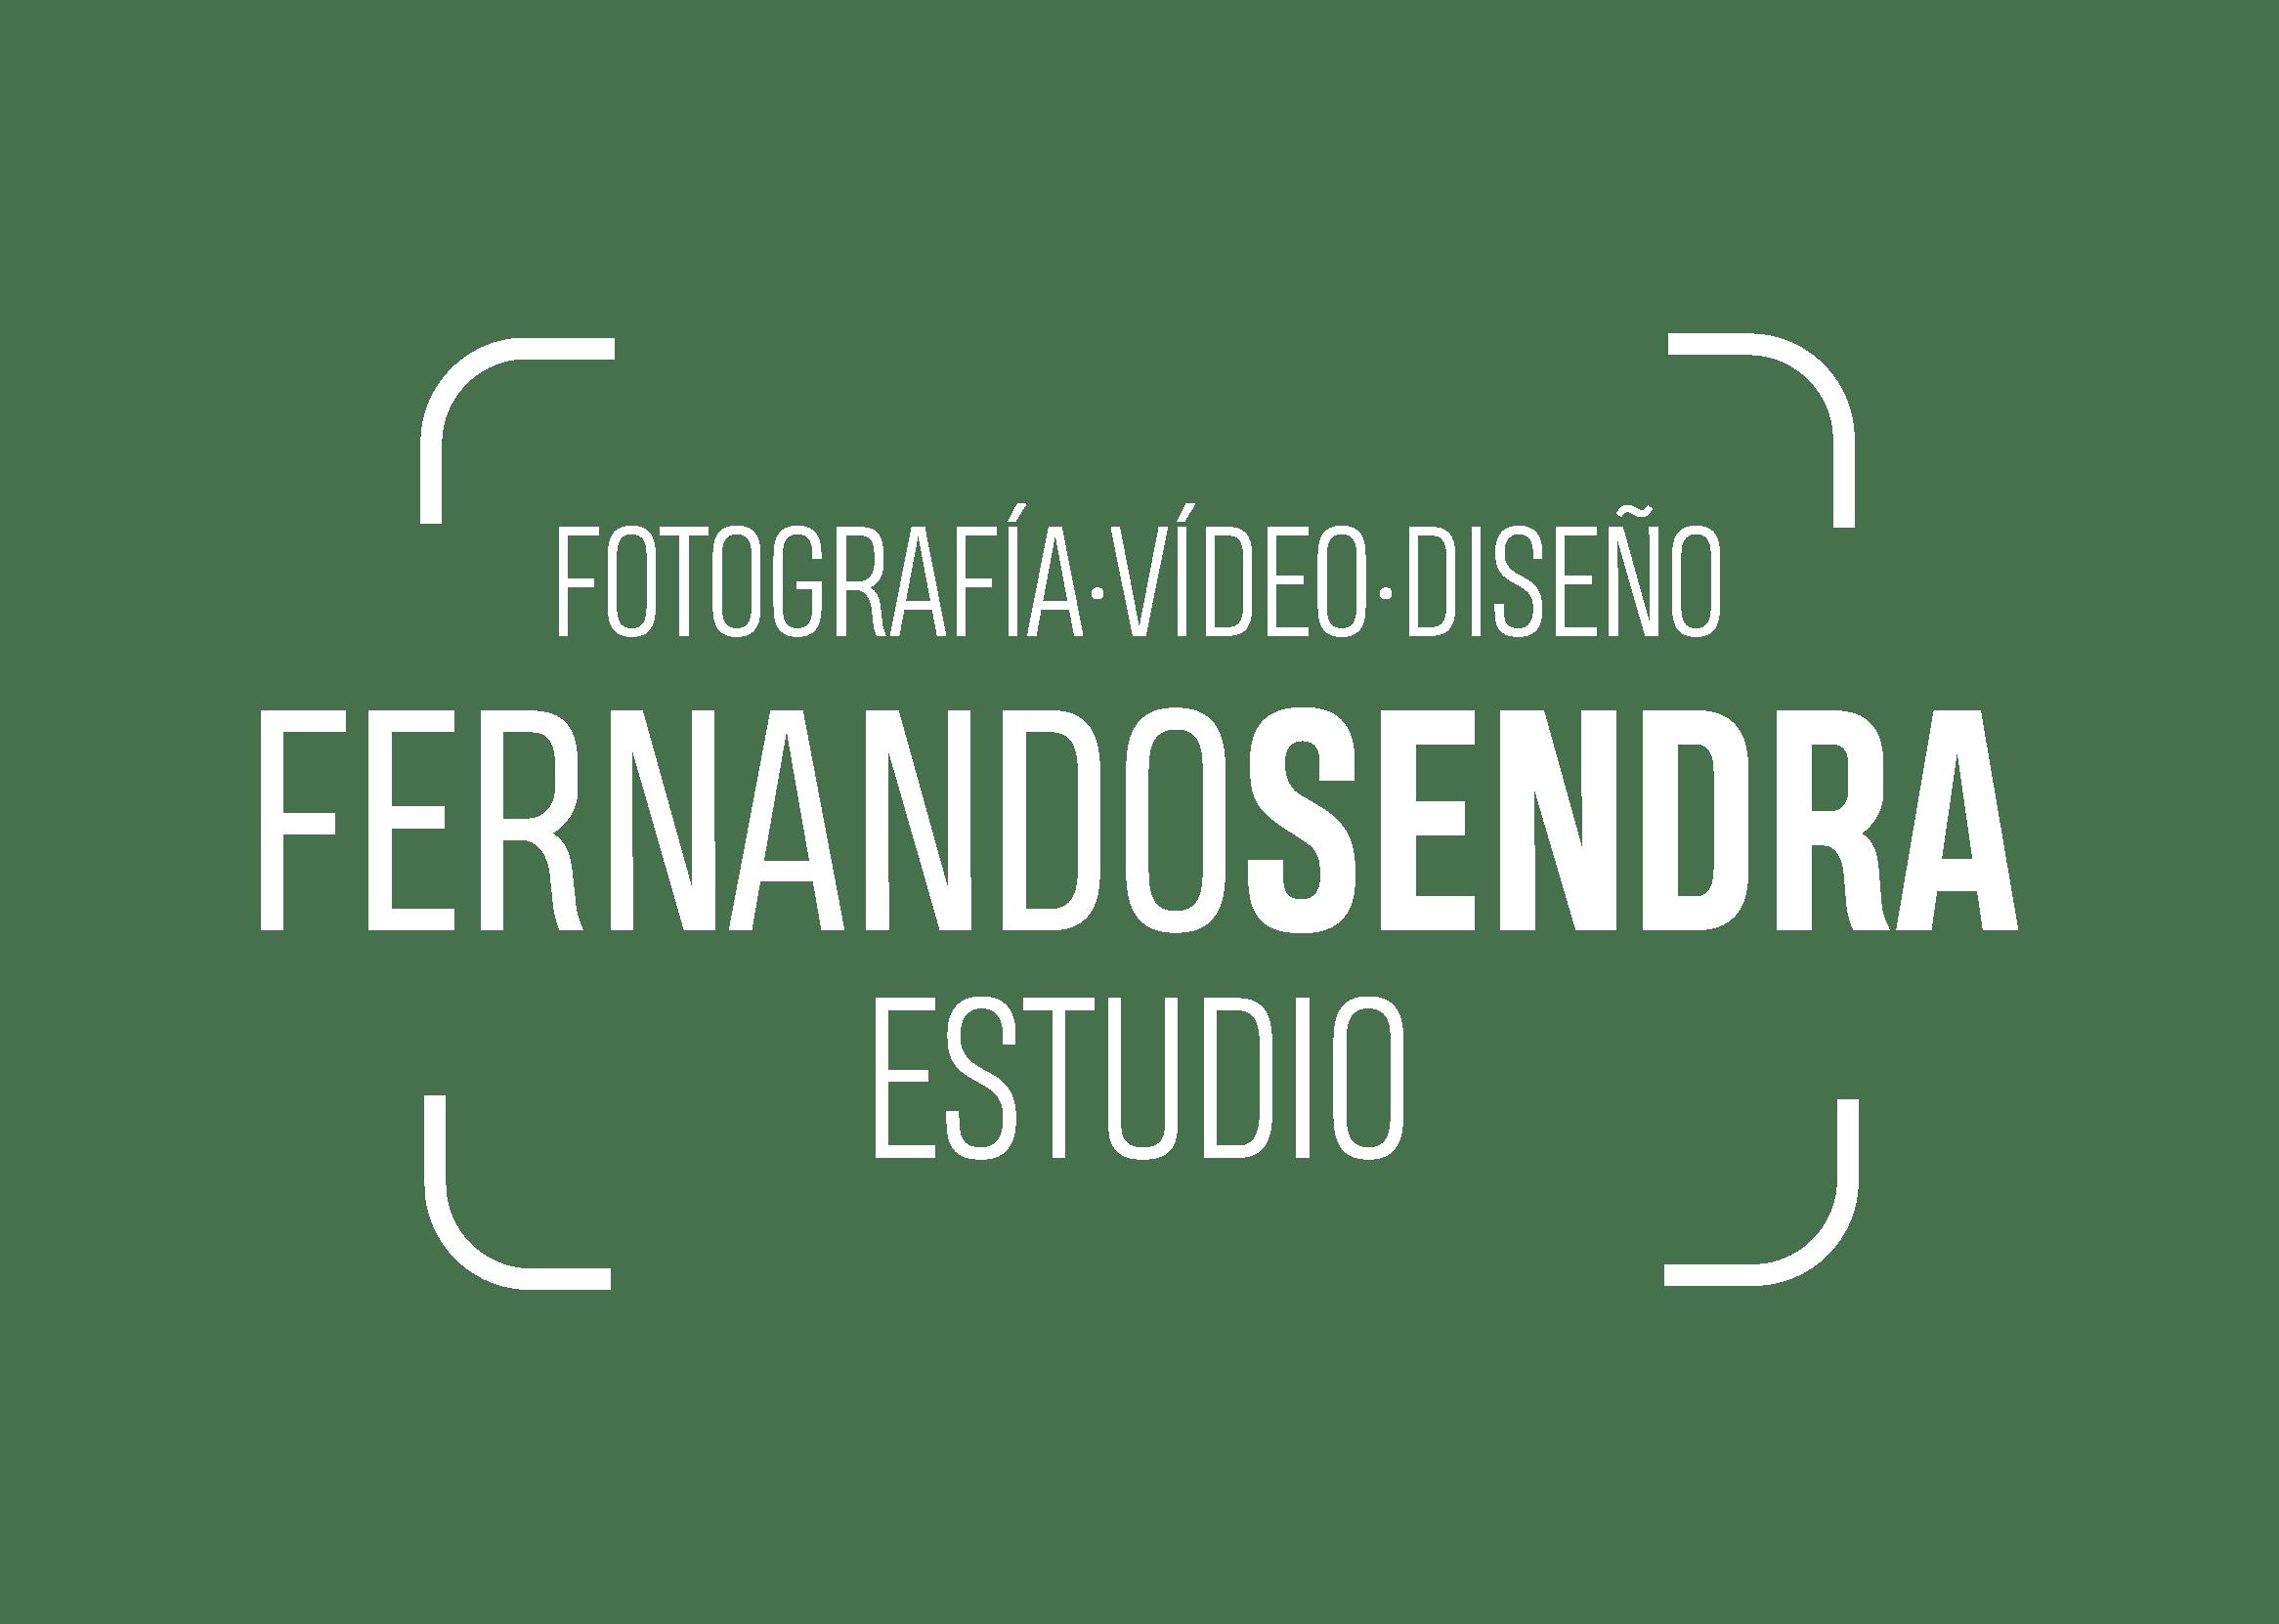 Fernando Sendra Estudio · Fotógrafo Profesional en Córdoba · Vídeo y Fotografía Publicitaria